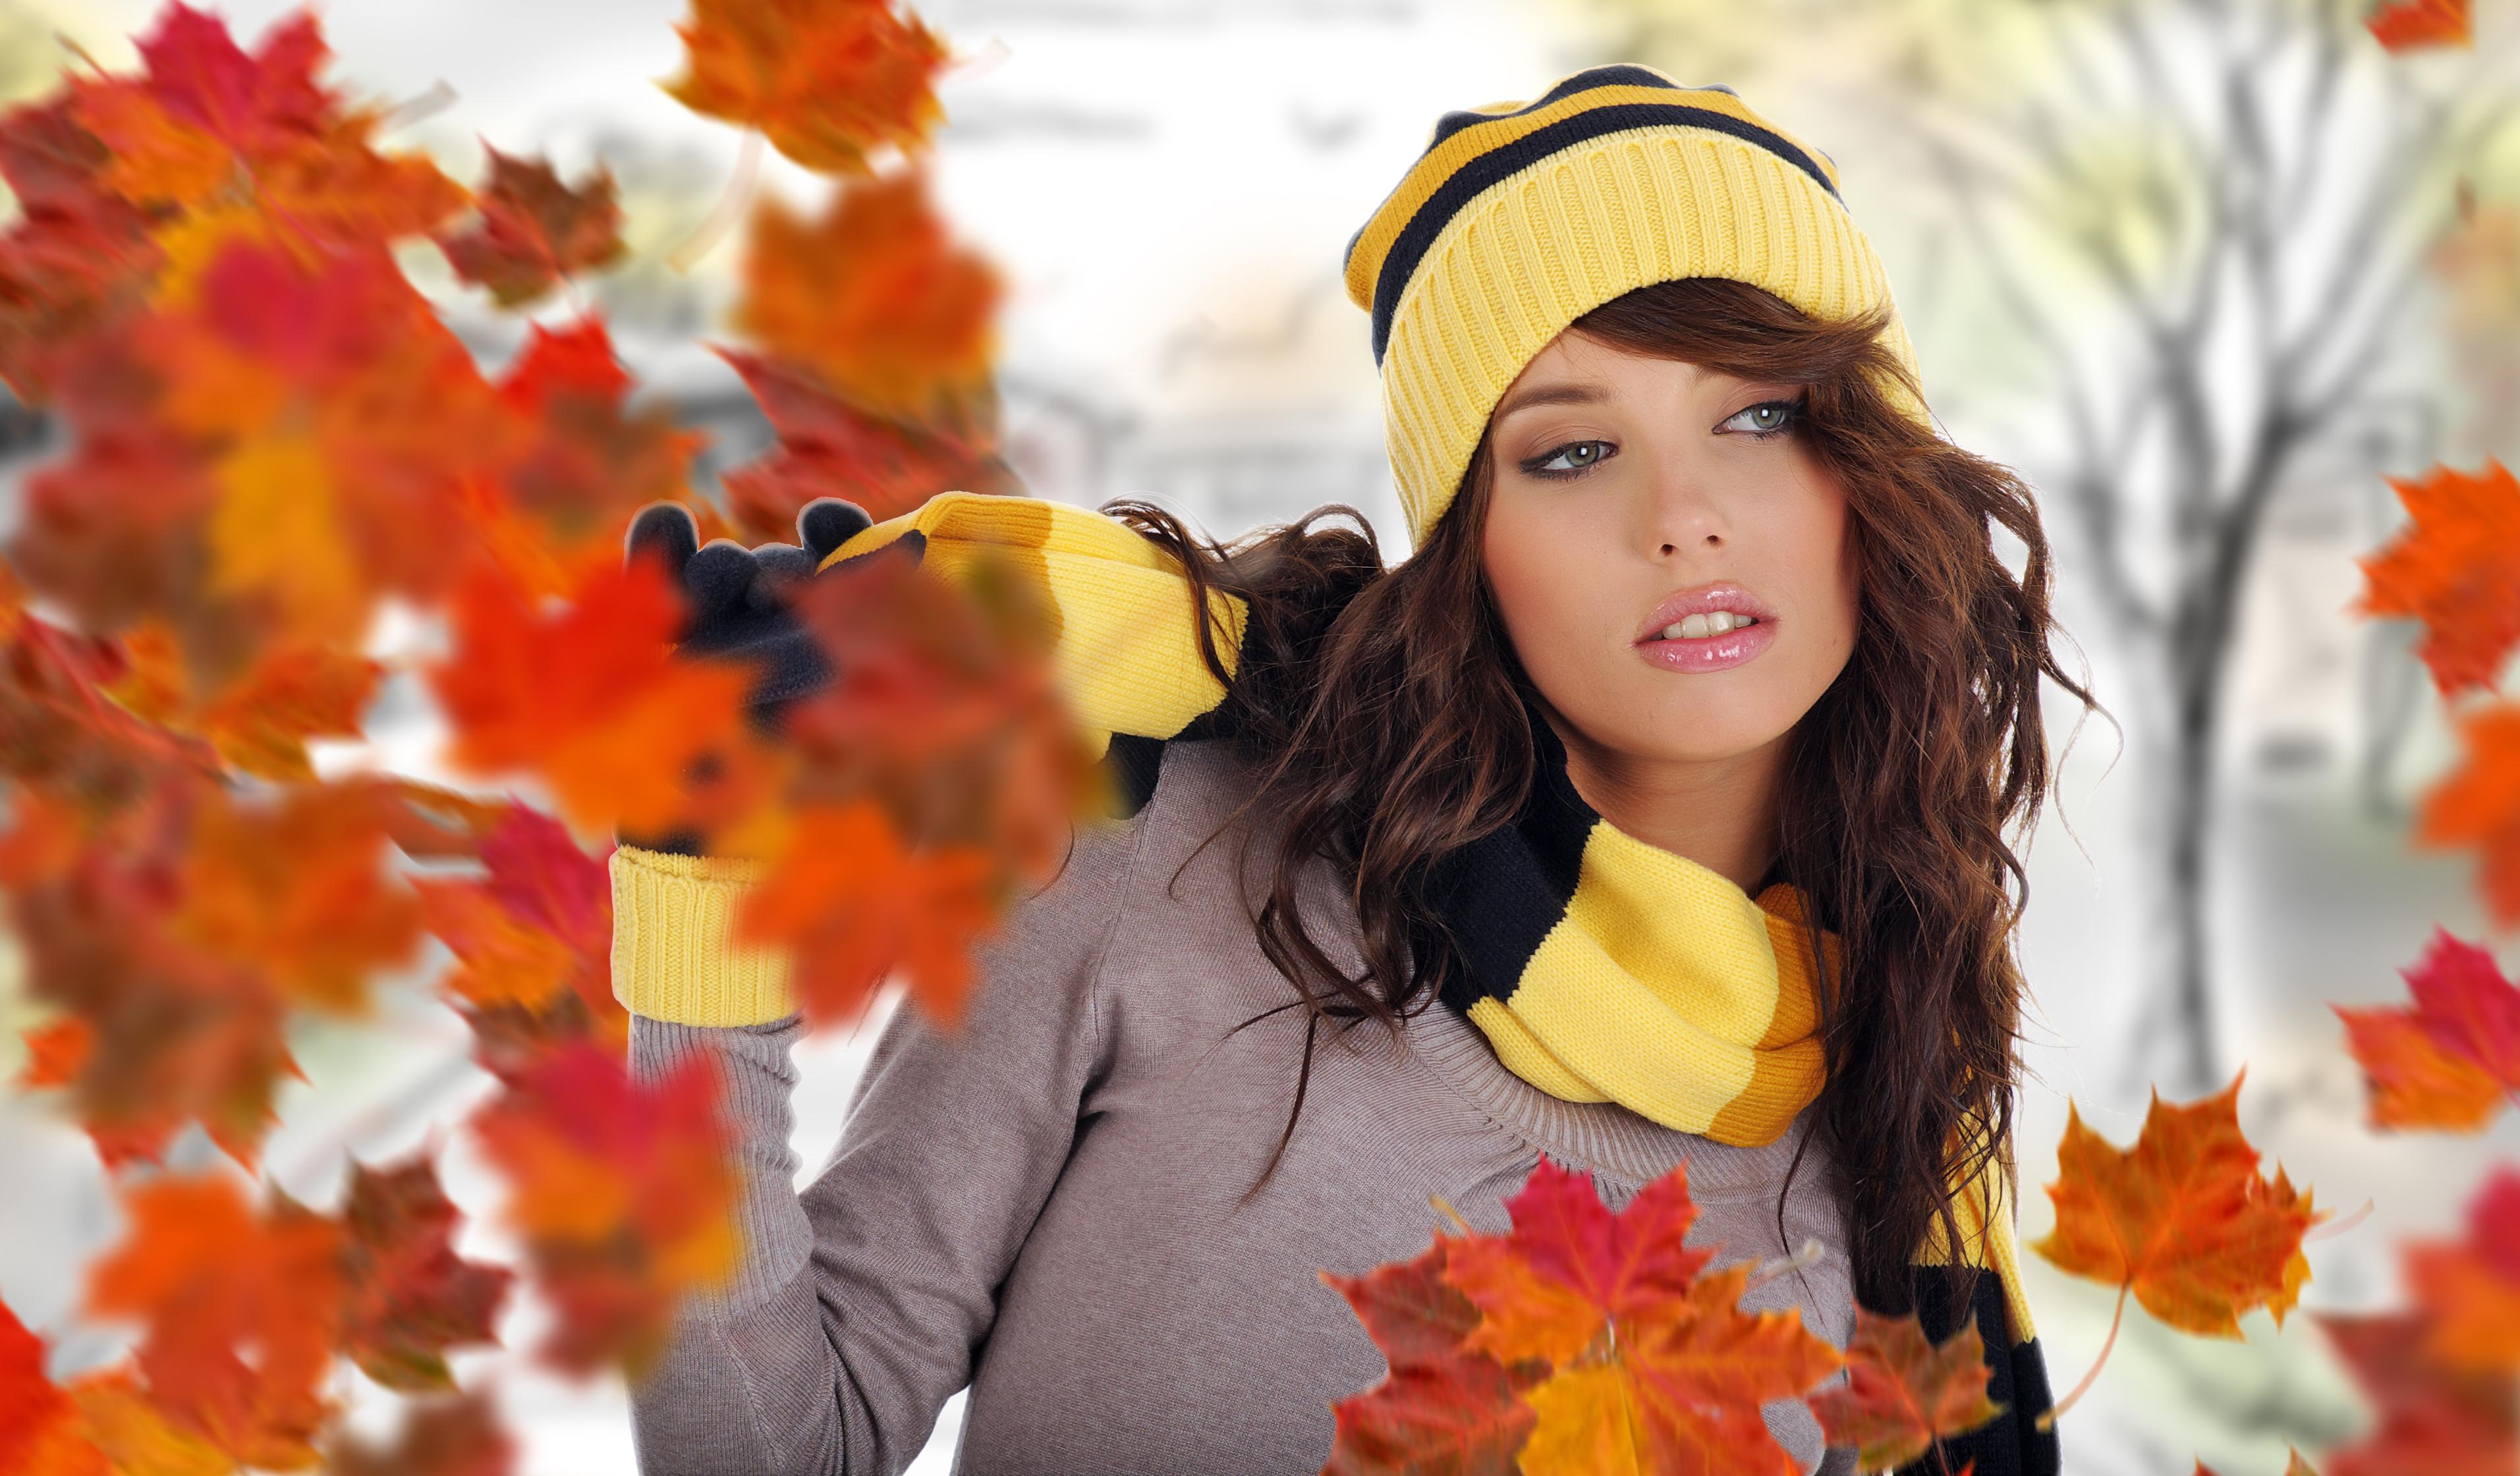 девушка листва осень лес кофта загрузить